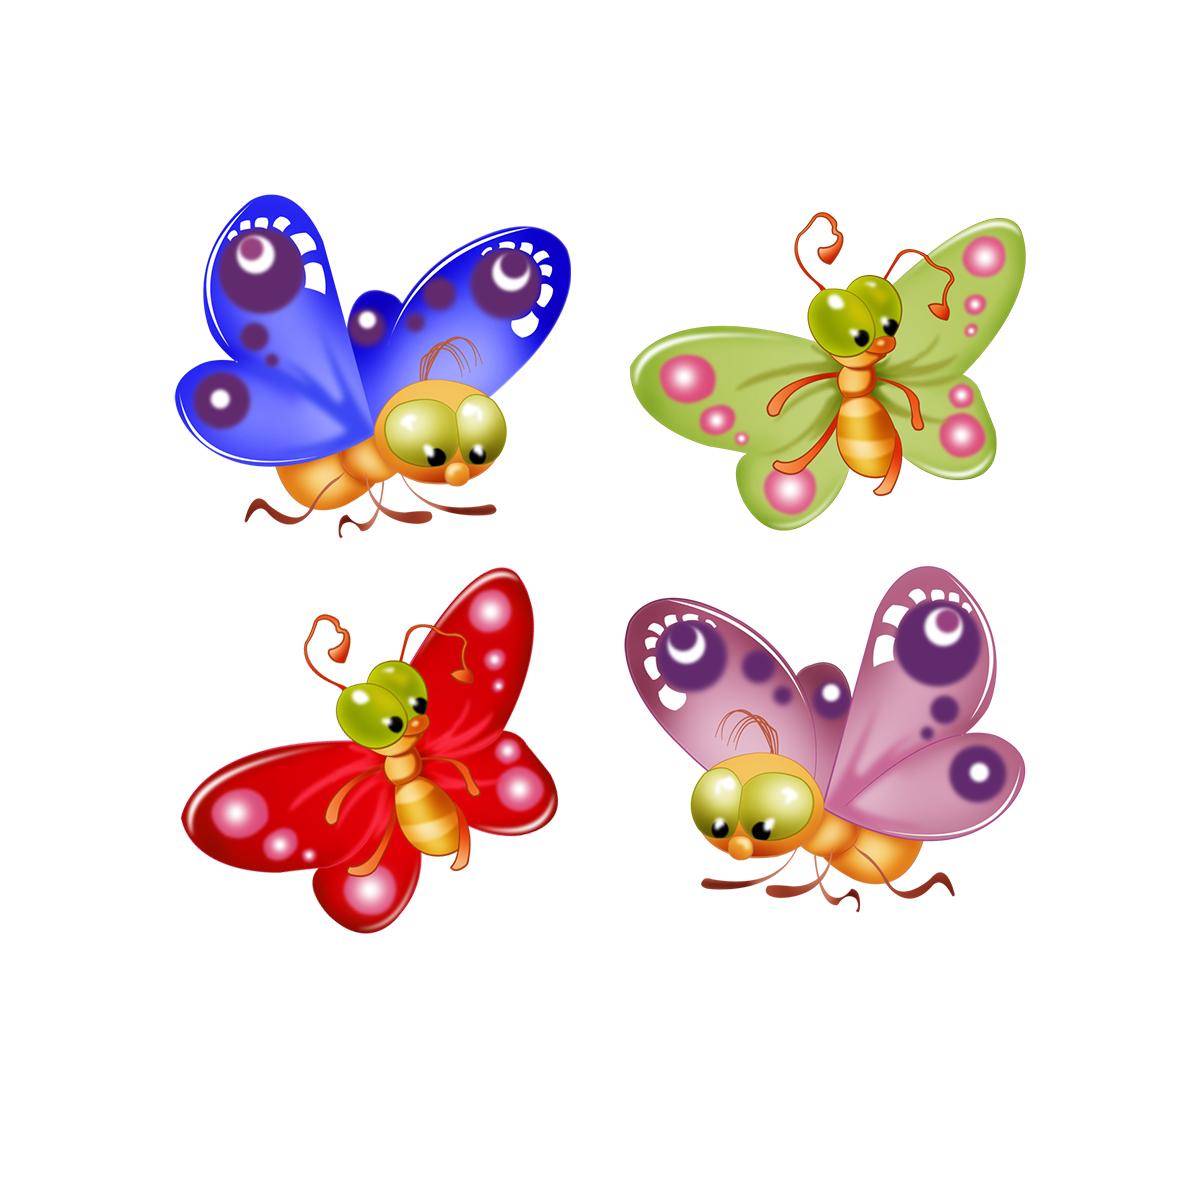 Рисунки на крылышках мотыльков и их формы пестрят разнообразием.